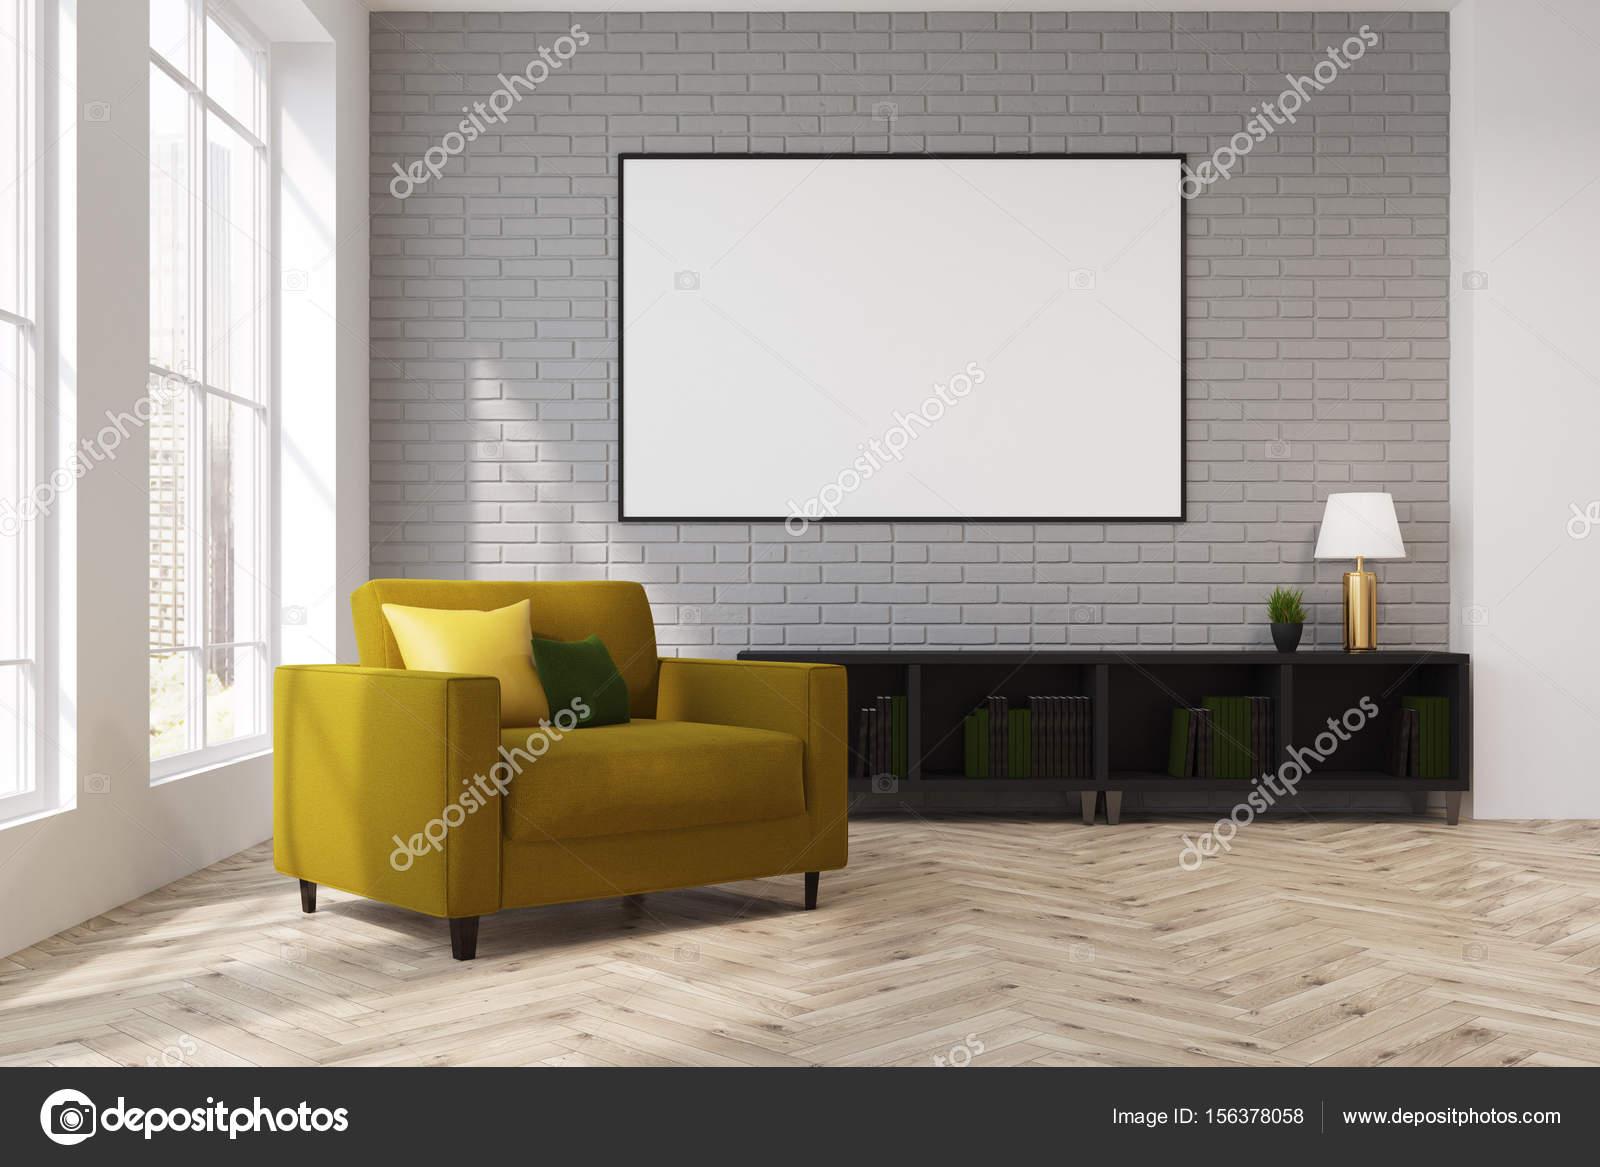 Graue Wohnzimmer Interieur Mit Einem Gelben Sessel Mit Kissen Drauf. Es Ist  Ein Gerahmtes Horizontale Poster über Eine Kommode. Lampe.